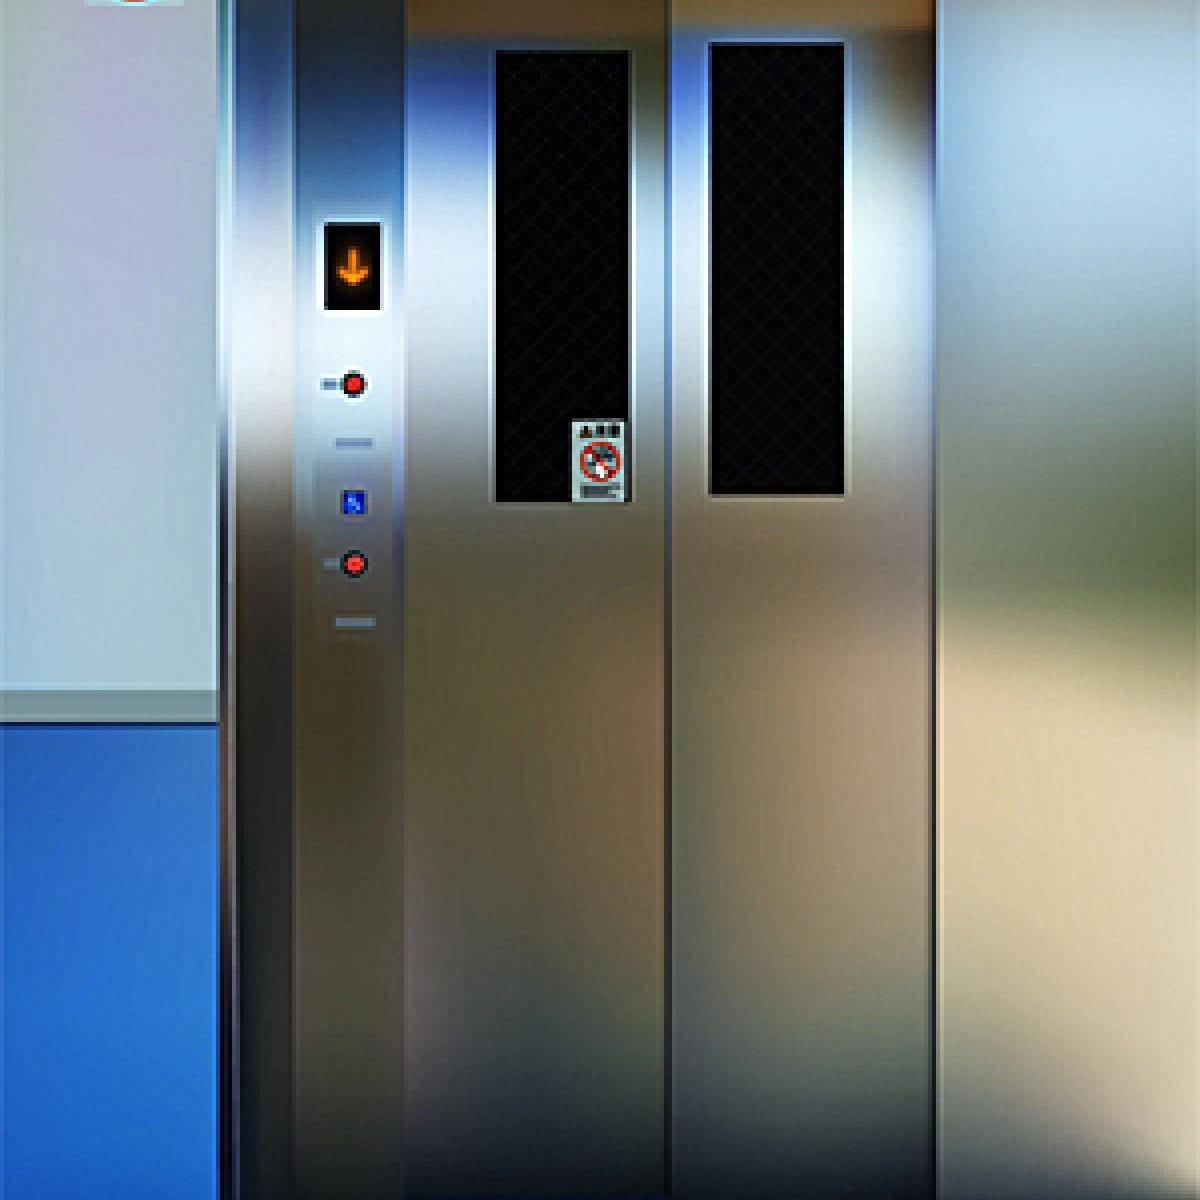 夢の中のエレベーターはあなたのバロメーターを暗示している!